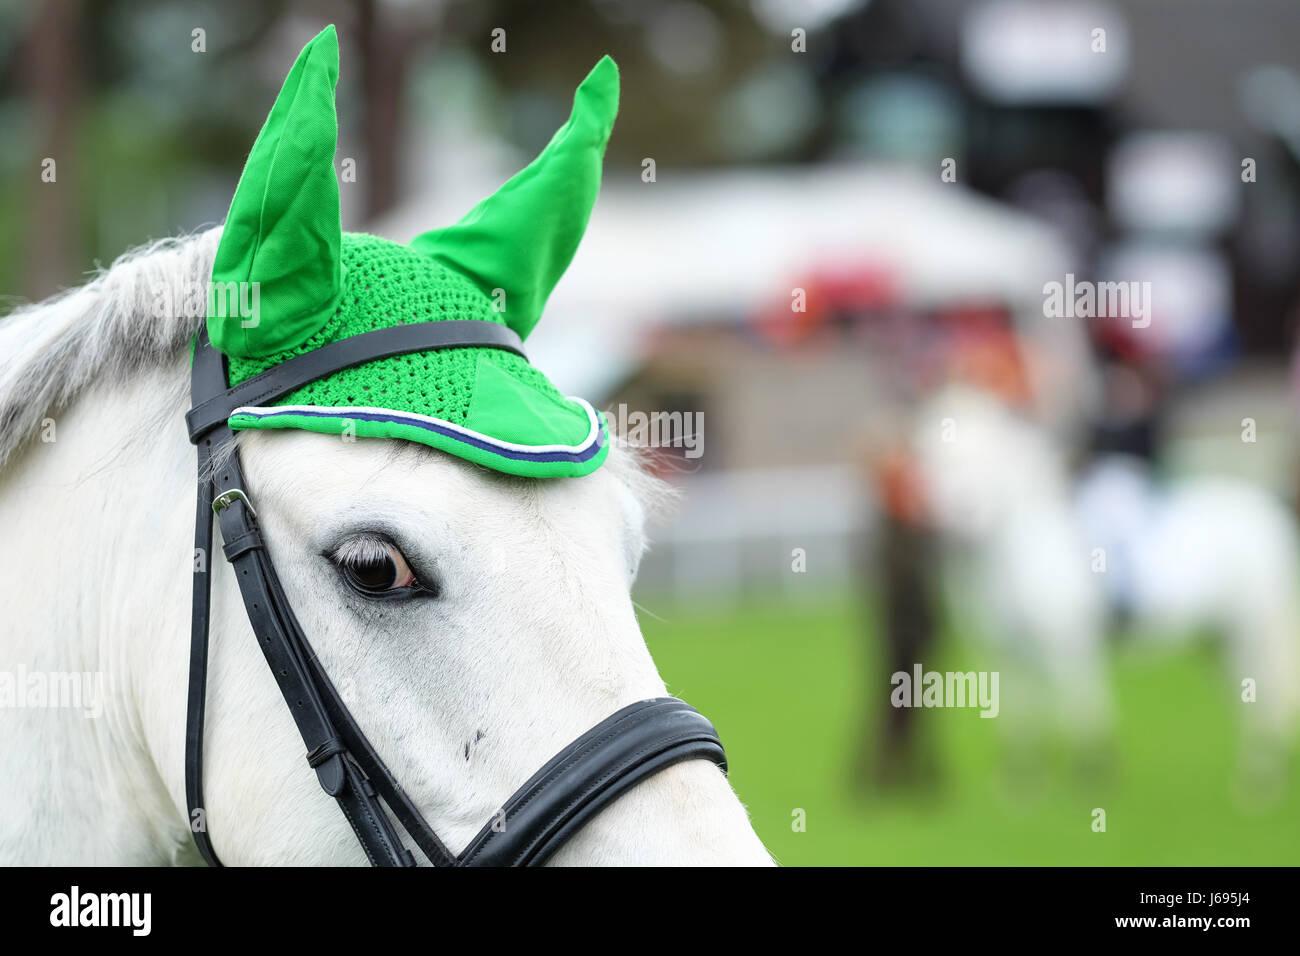 Royal Welsh Festival du printemps, Builth Wells, Powys, Wales - Mai 2017 - un poney avec une oreille vert distinctif Photo Stock